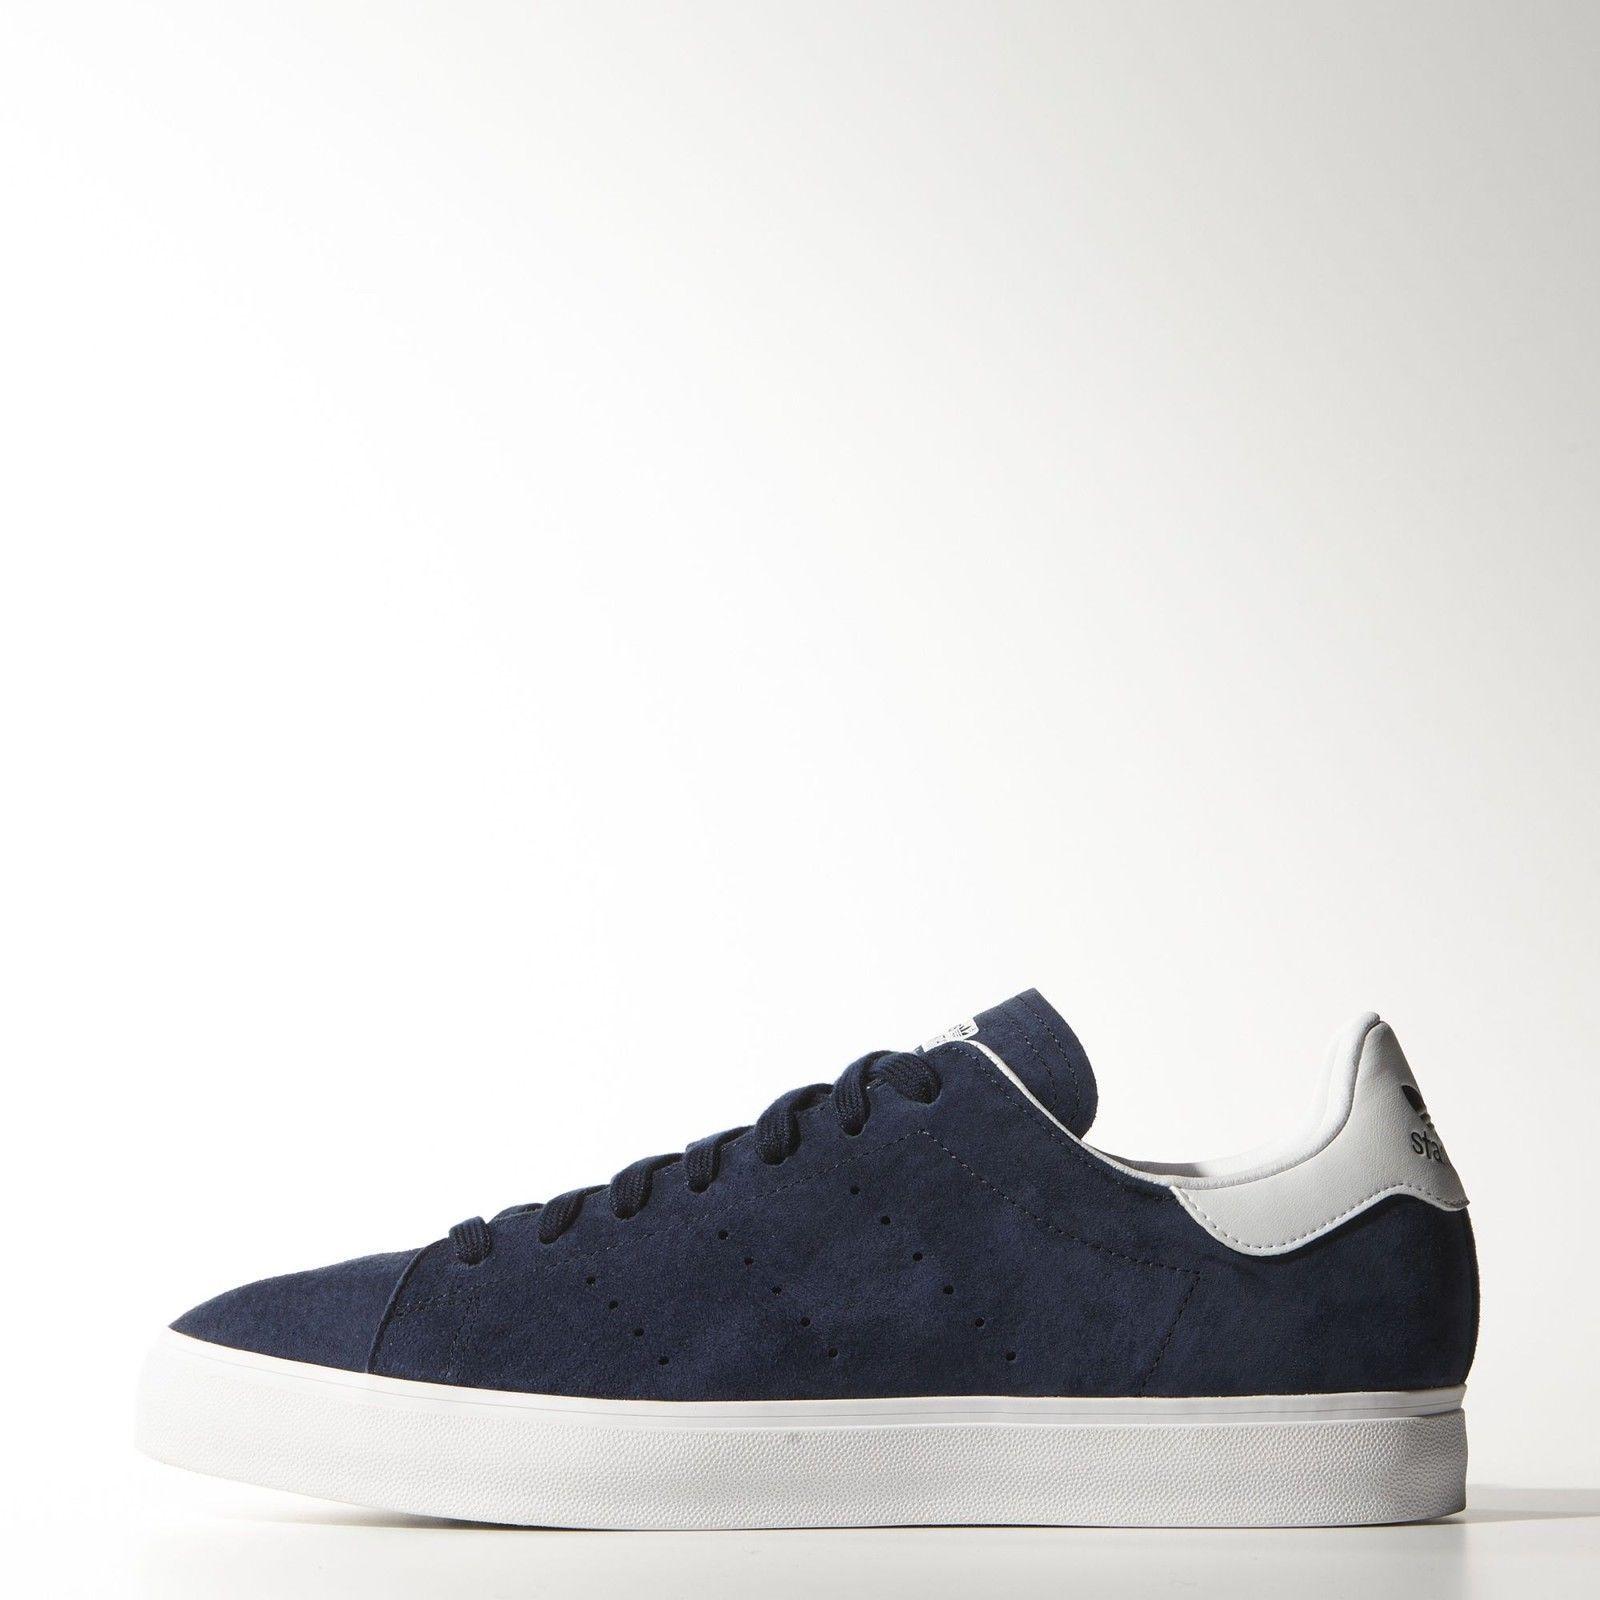 7e0e05090740b3 Adidas originals Men s Stan smith shoes size 12 us M17152